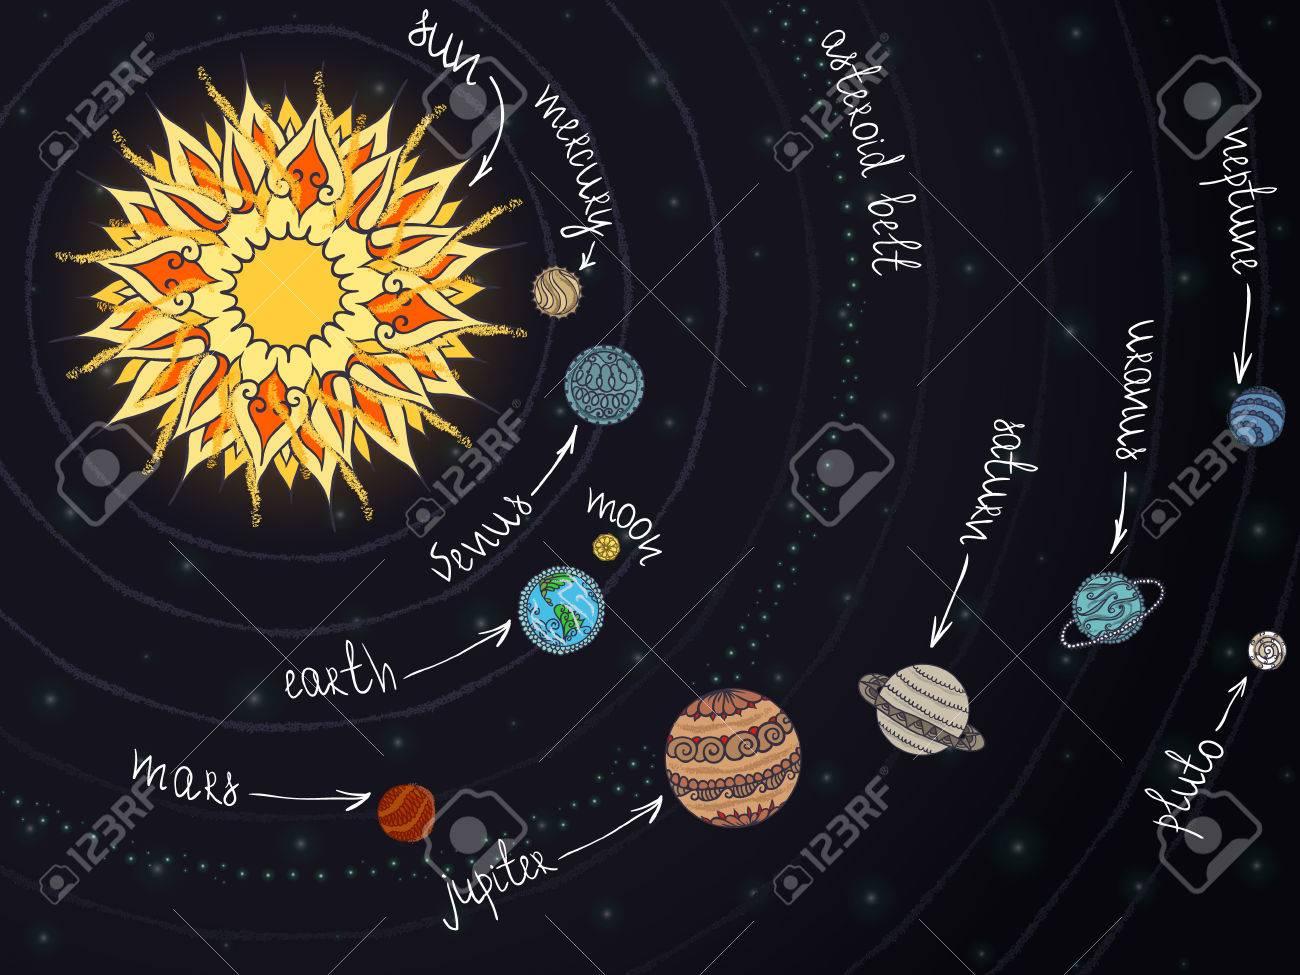 Schéma Abstrait Du Système Solaire Avec Des Ornements Sur Les Planètes. intérieur Dessin Du Système Solaire